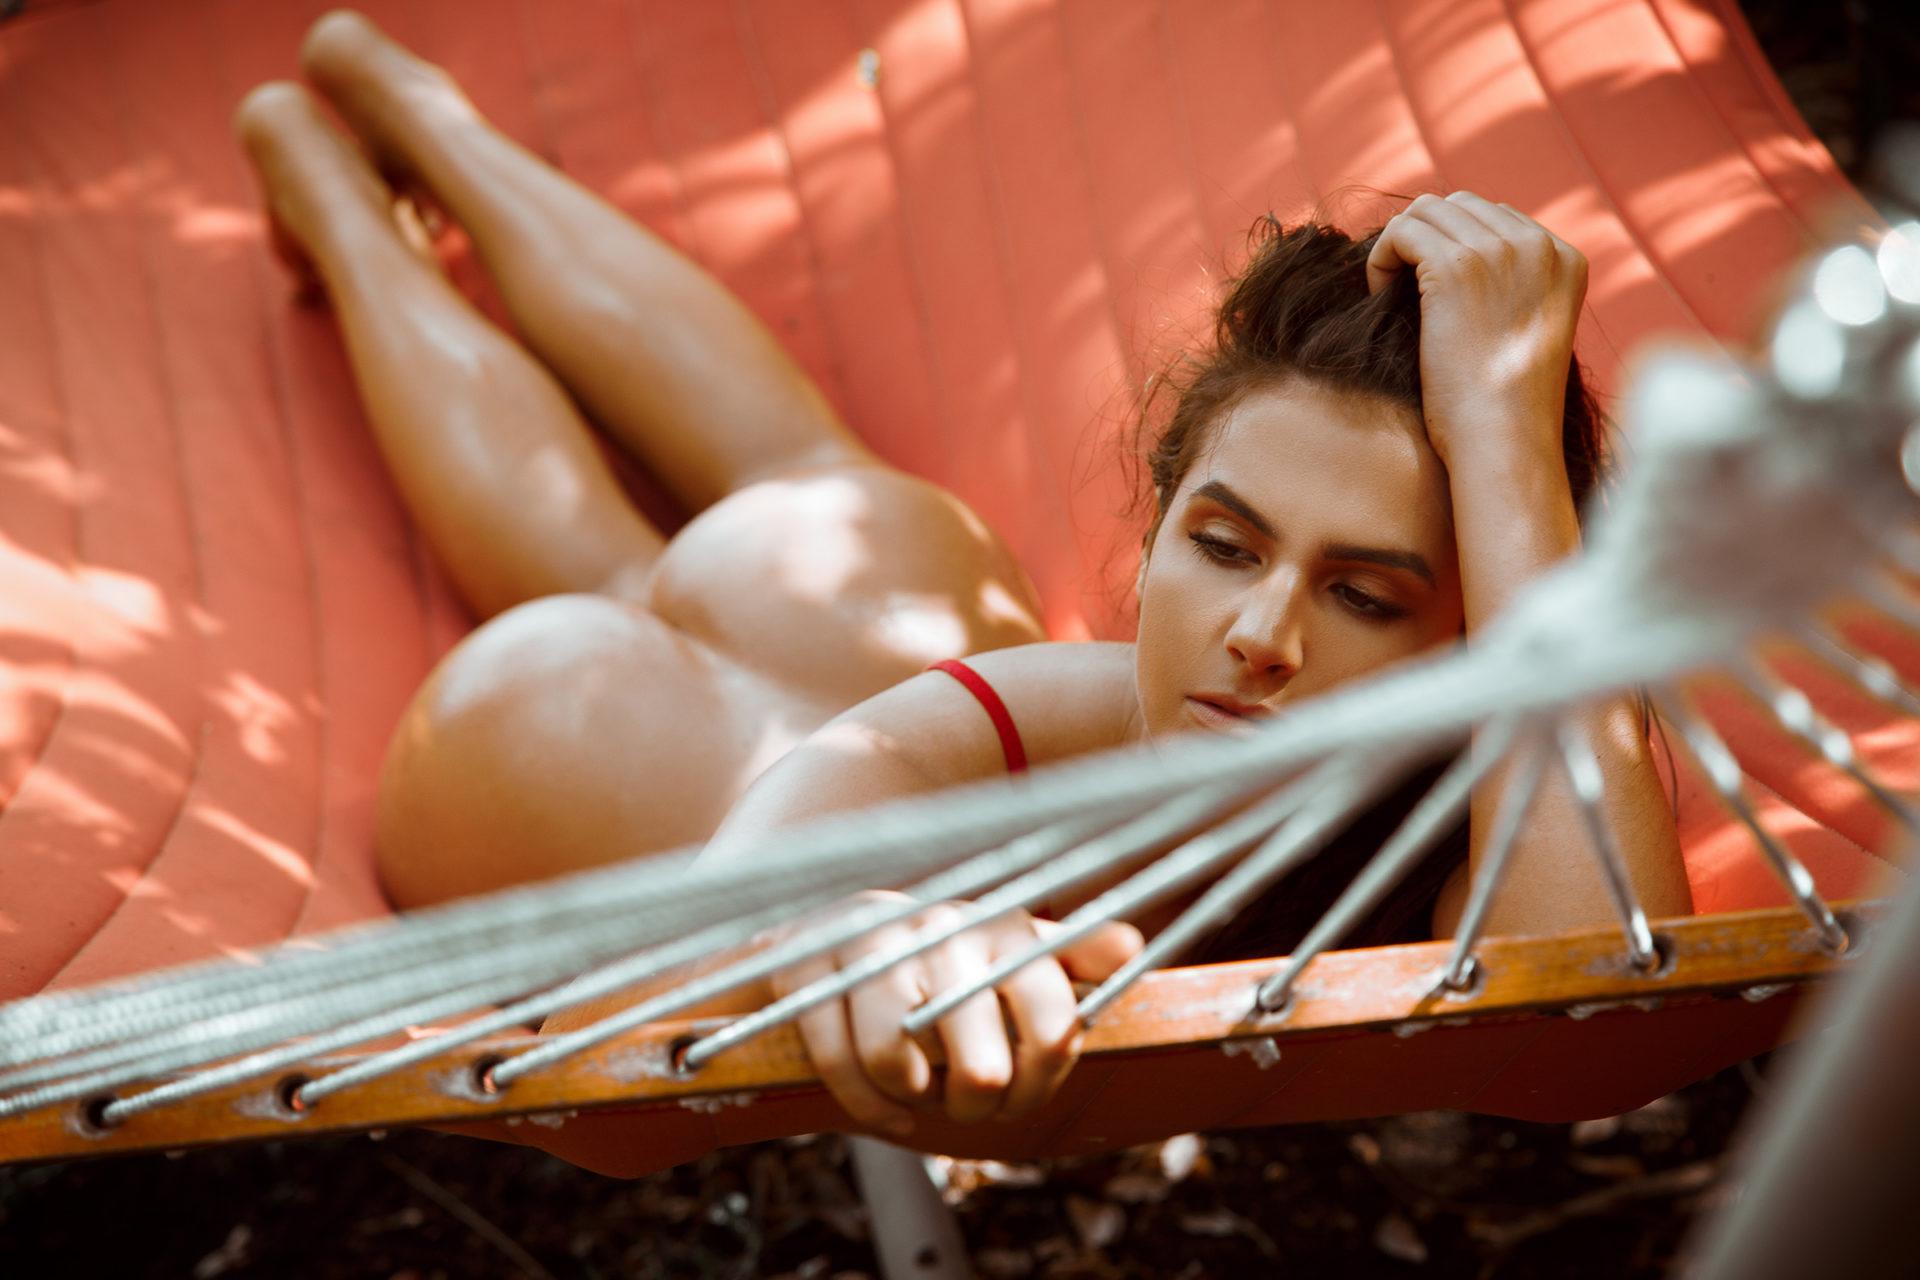 Sara Adelle #2